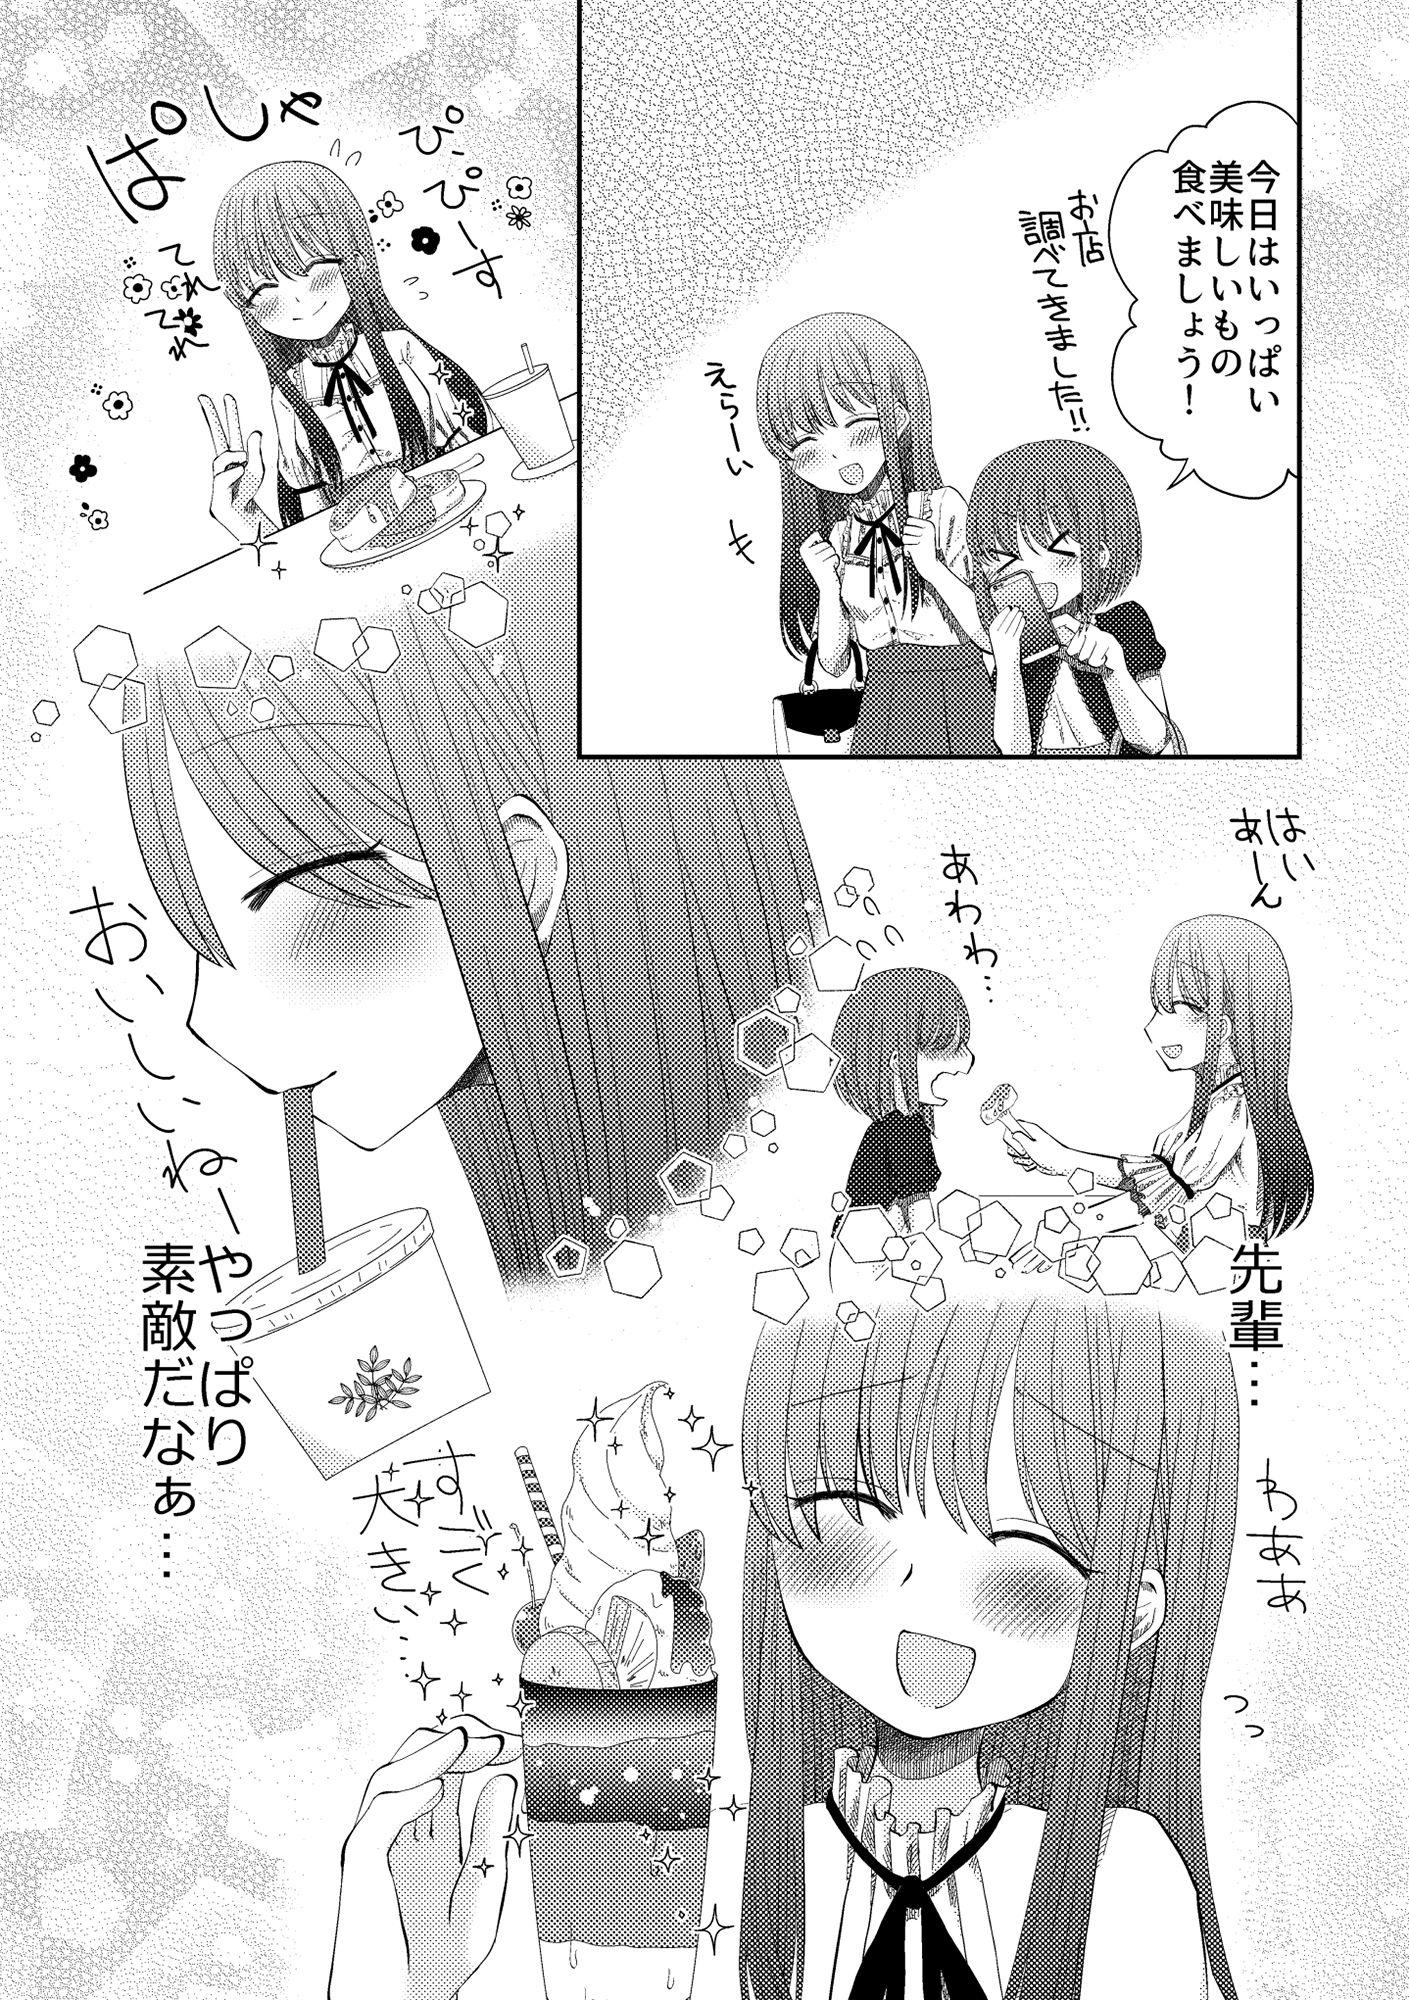 サンプル画像4:嘔吐ふぇち(偏頭痛) [d_194377]